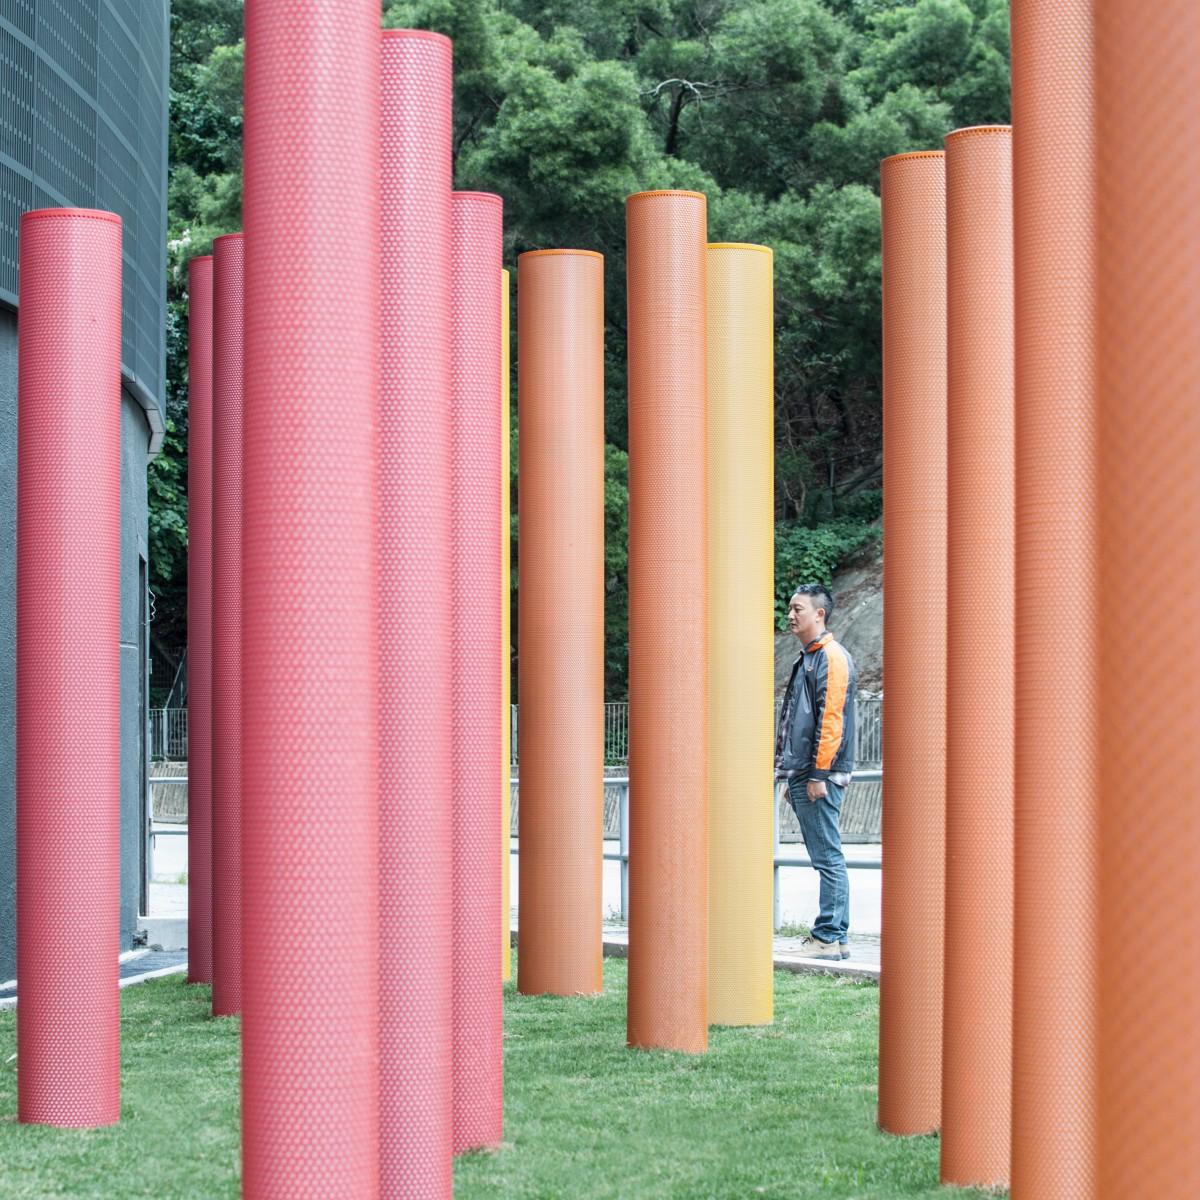 Flock Architectural Art Installation